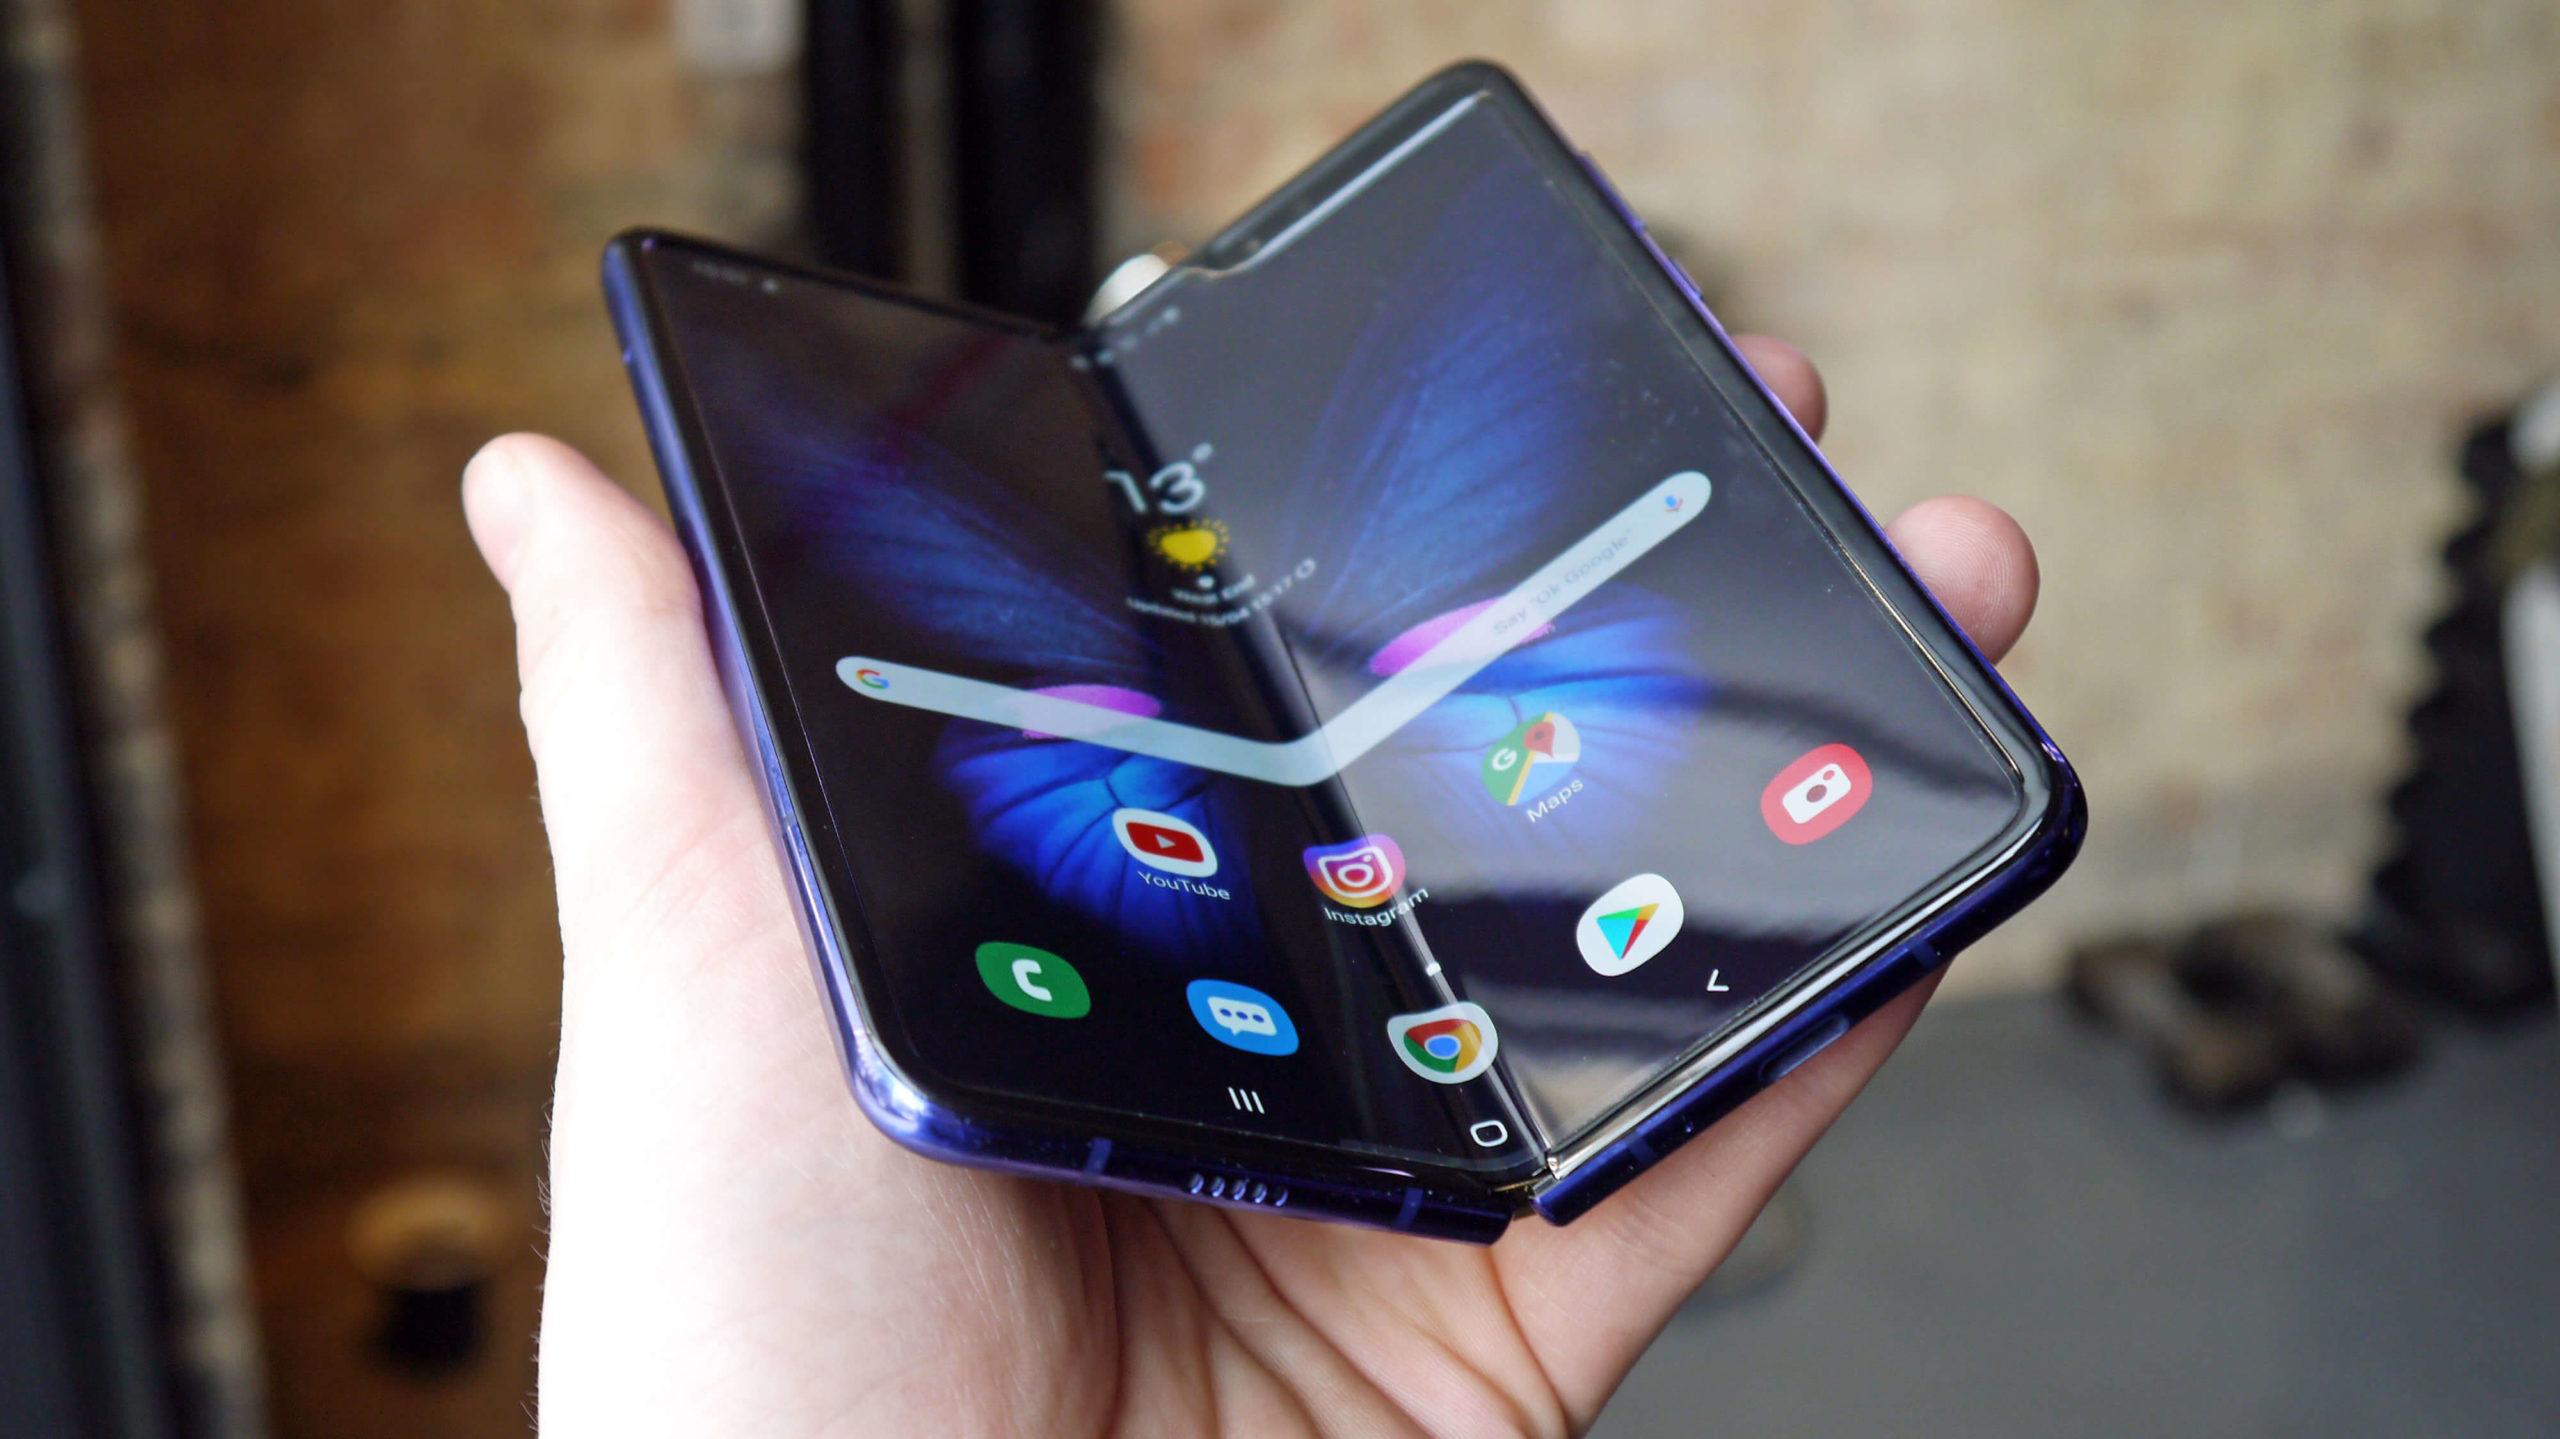 Складной смартфон в руках